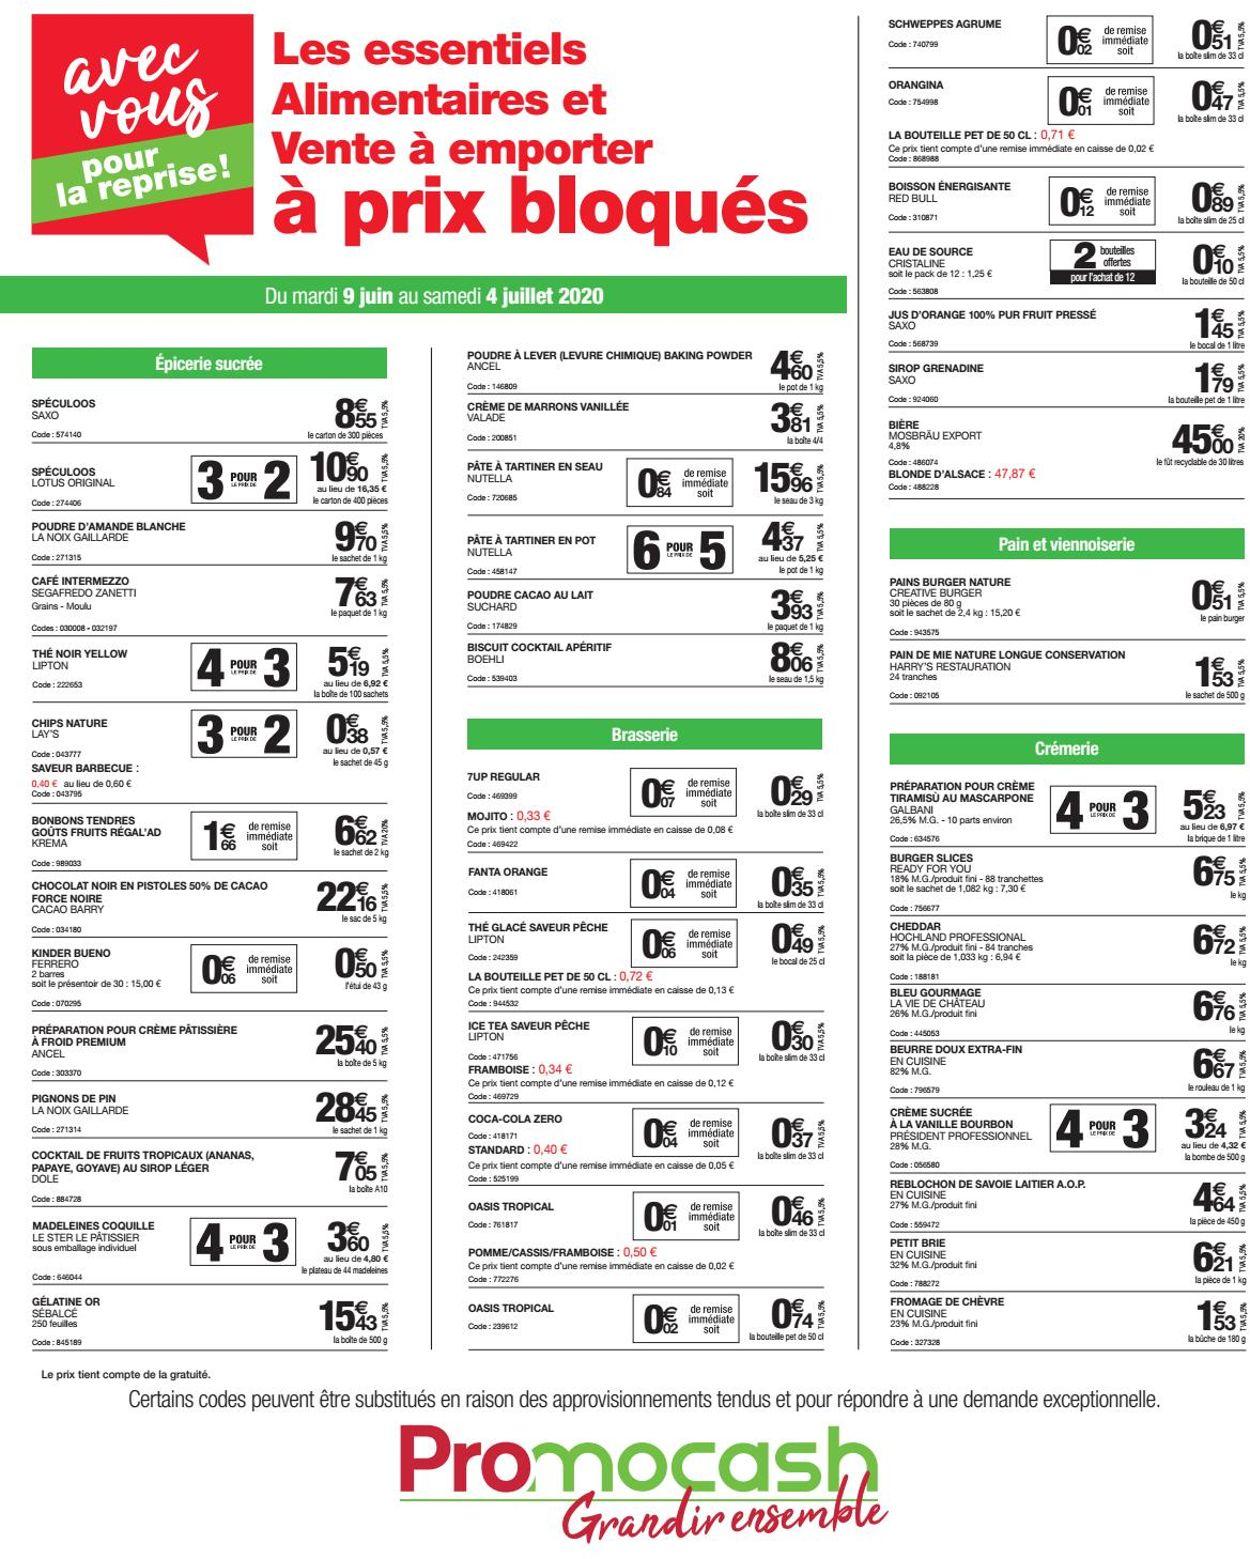 Promocash Catalogue - 09.06-04.07.2020